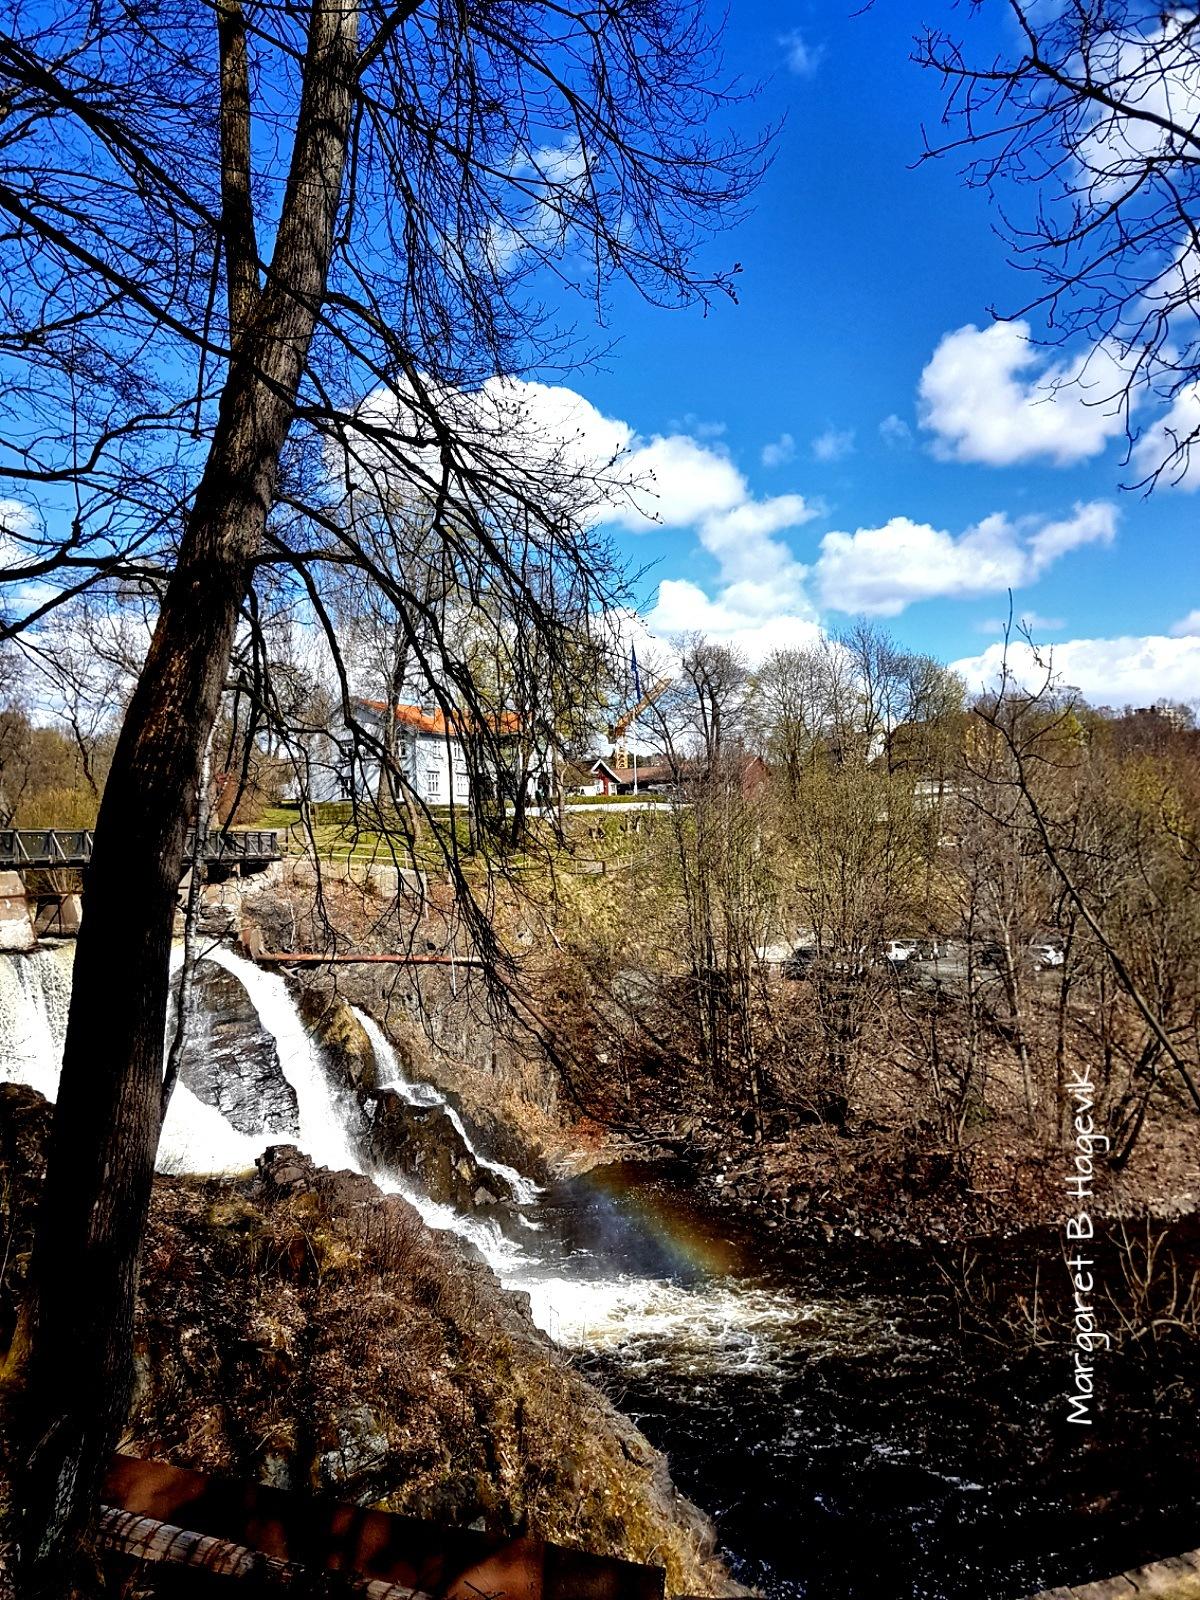 The waterfall by Margaret Brynildsen Hagevik